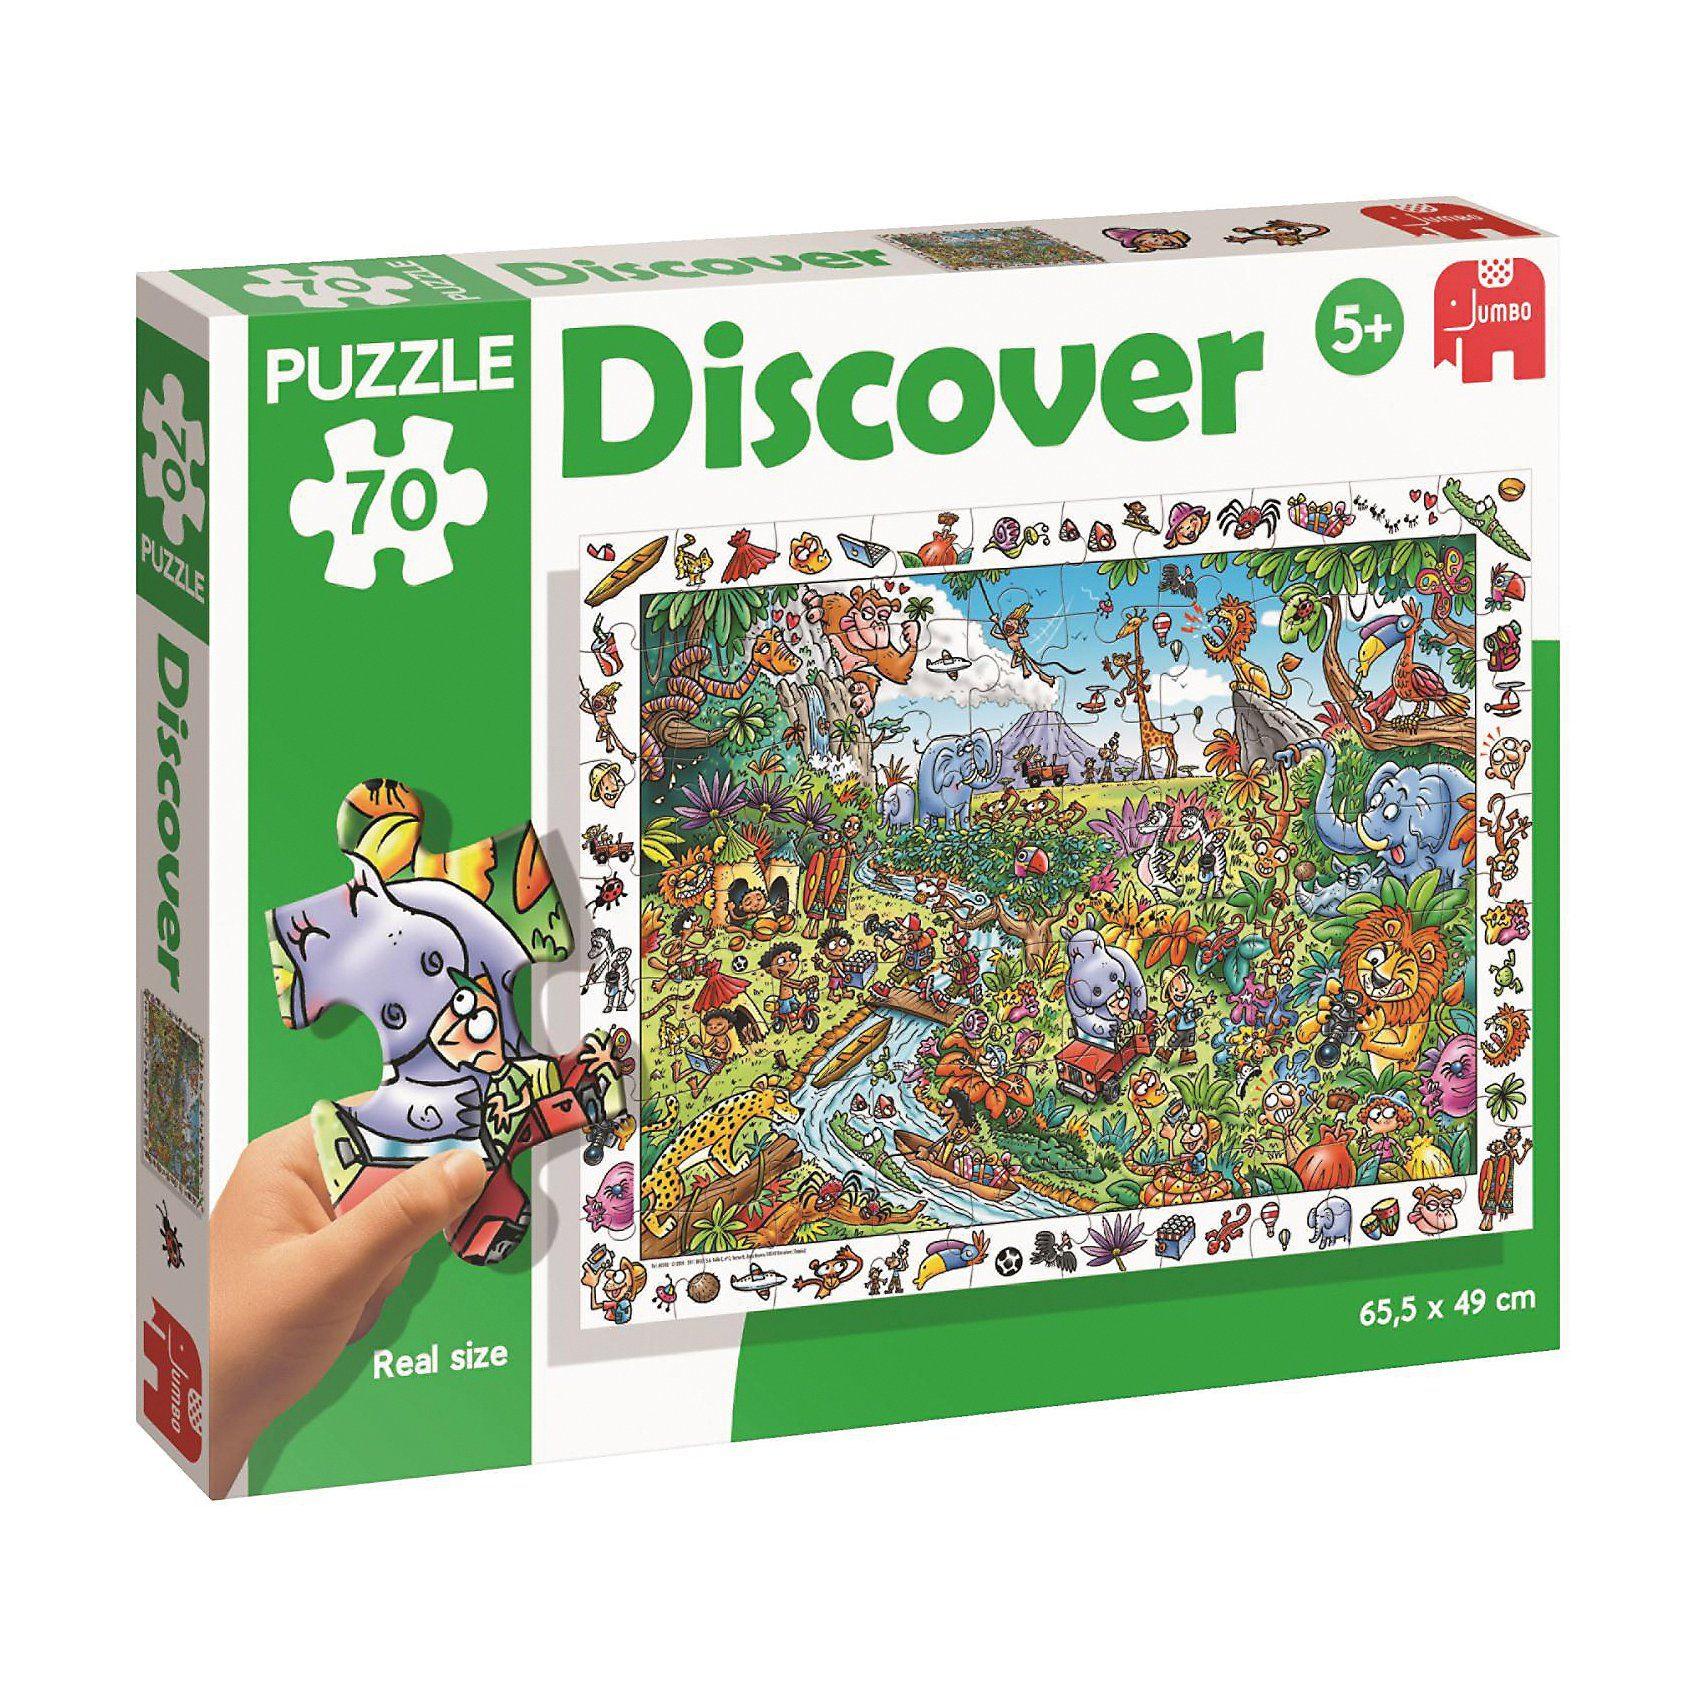 Jumbo Discover-Puzzle - 70 Teile - Safari